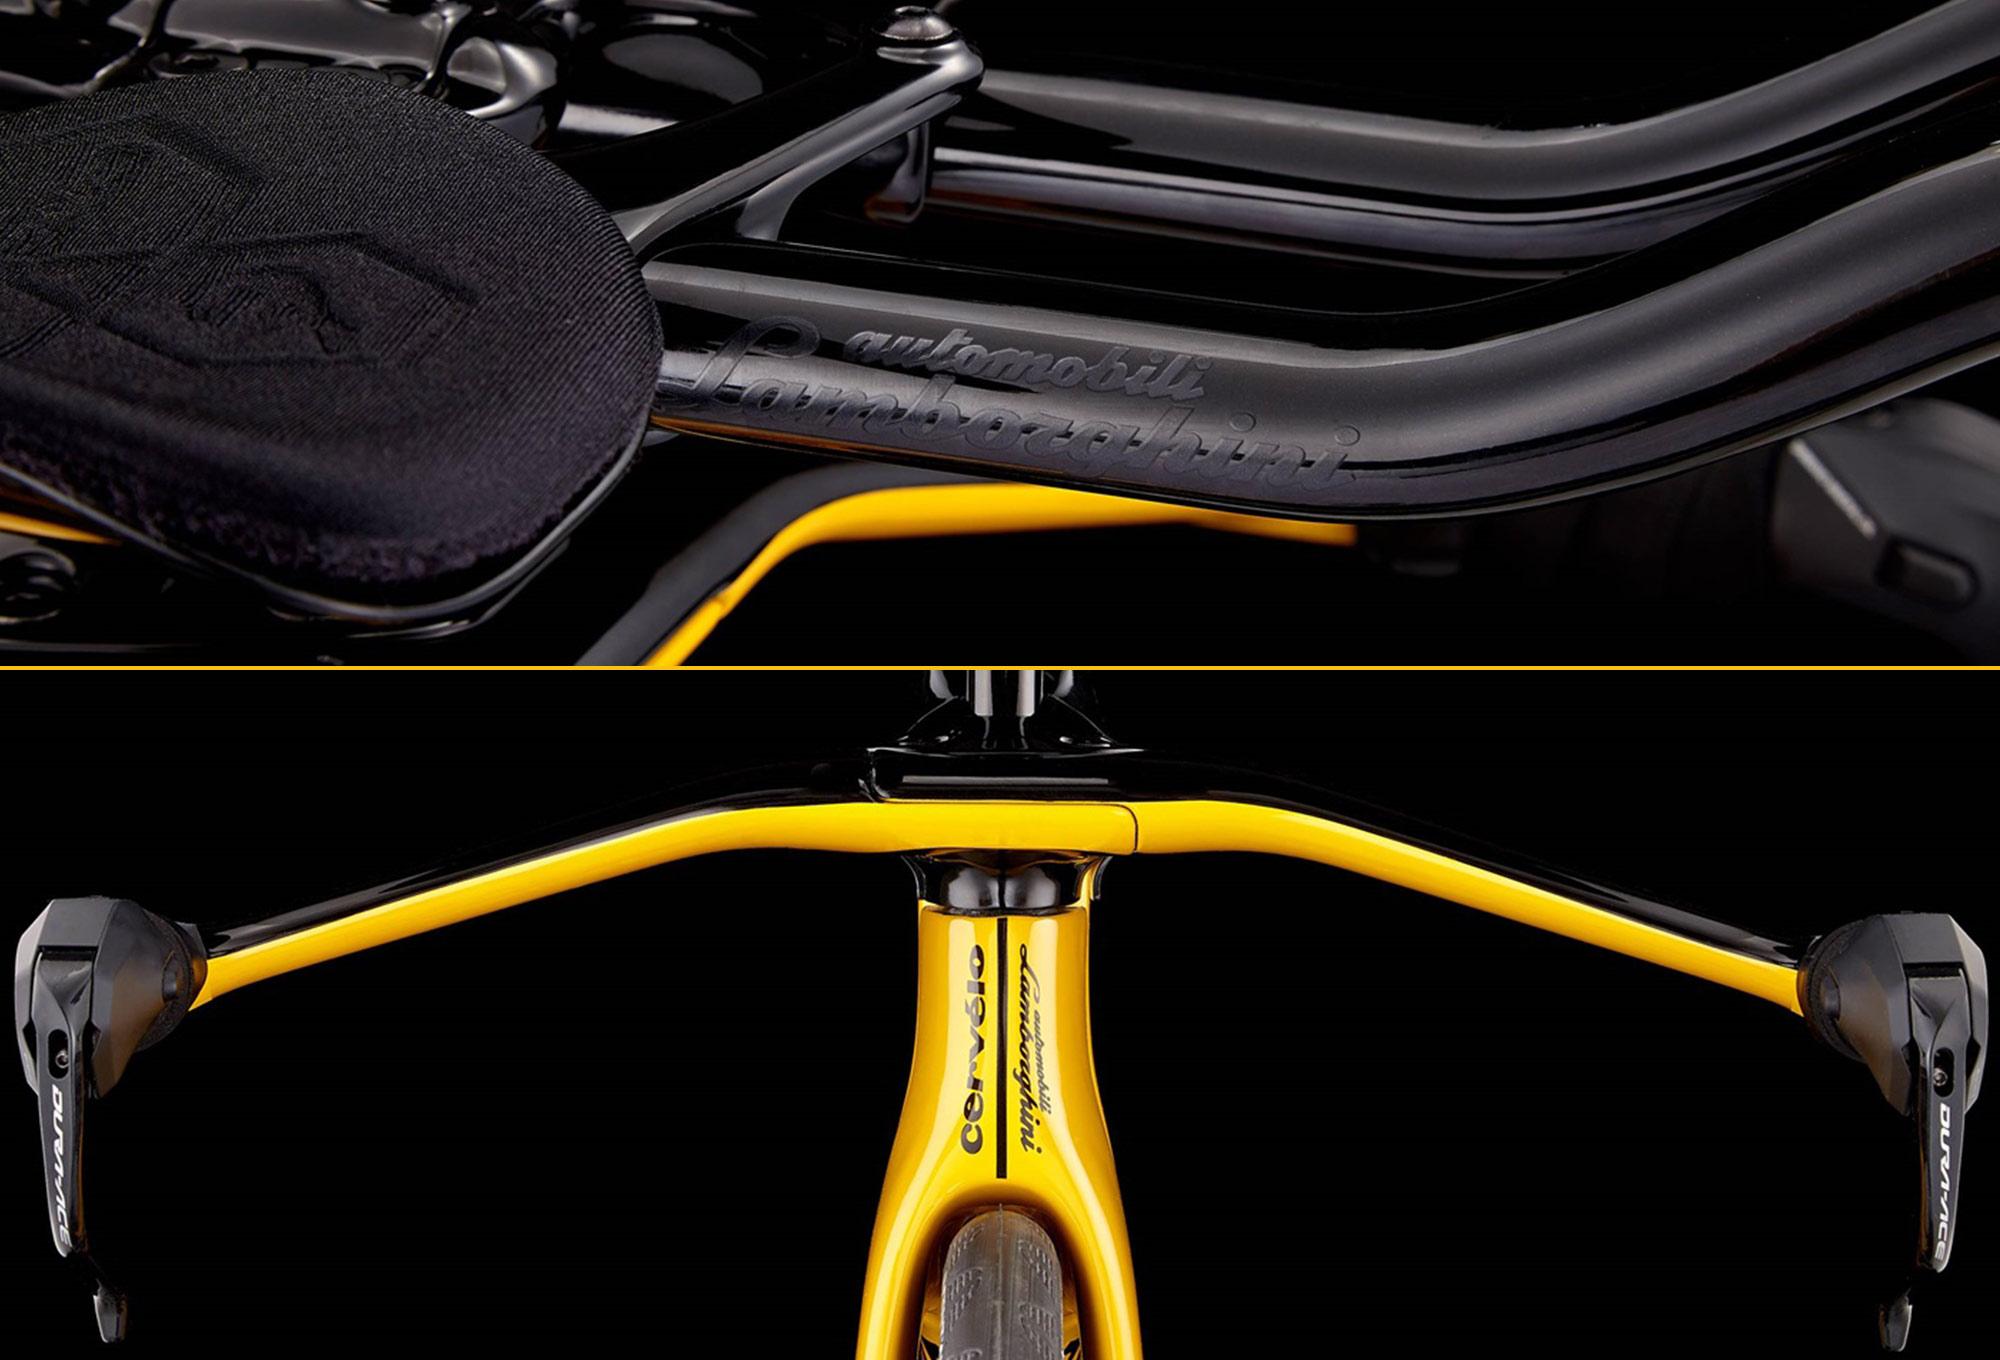 Cervélo P5X Limited Edition Lamborghini Triathlon Bike Shimano Dura Ace Di2  9180 11S 2018 Yellow Black